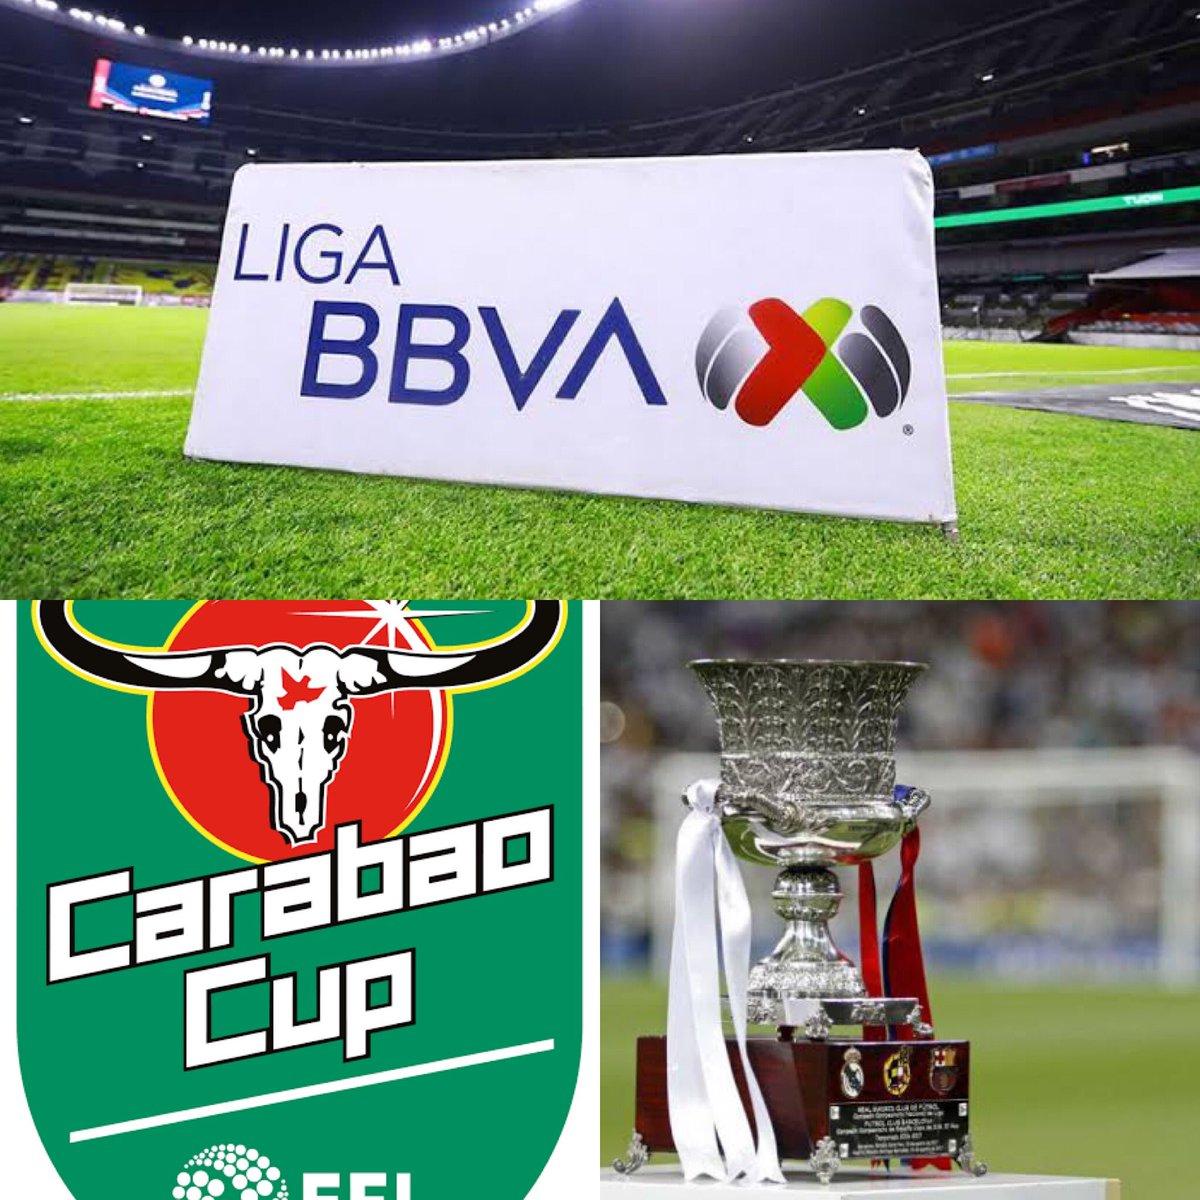 En el último #podcast hablamos de la #CarabaoCup la #supercopa de españa y de la #LigaBBVAMX si te interesan estos torneos o la #Libertadores tienes que escucharlo! 🎙